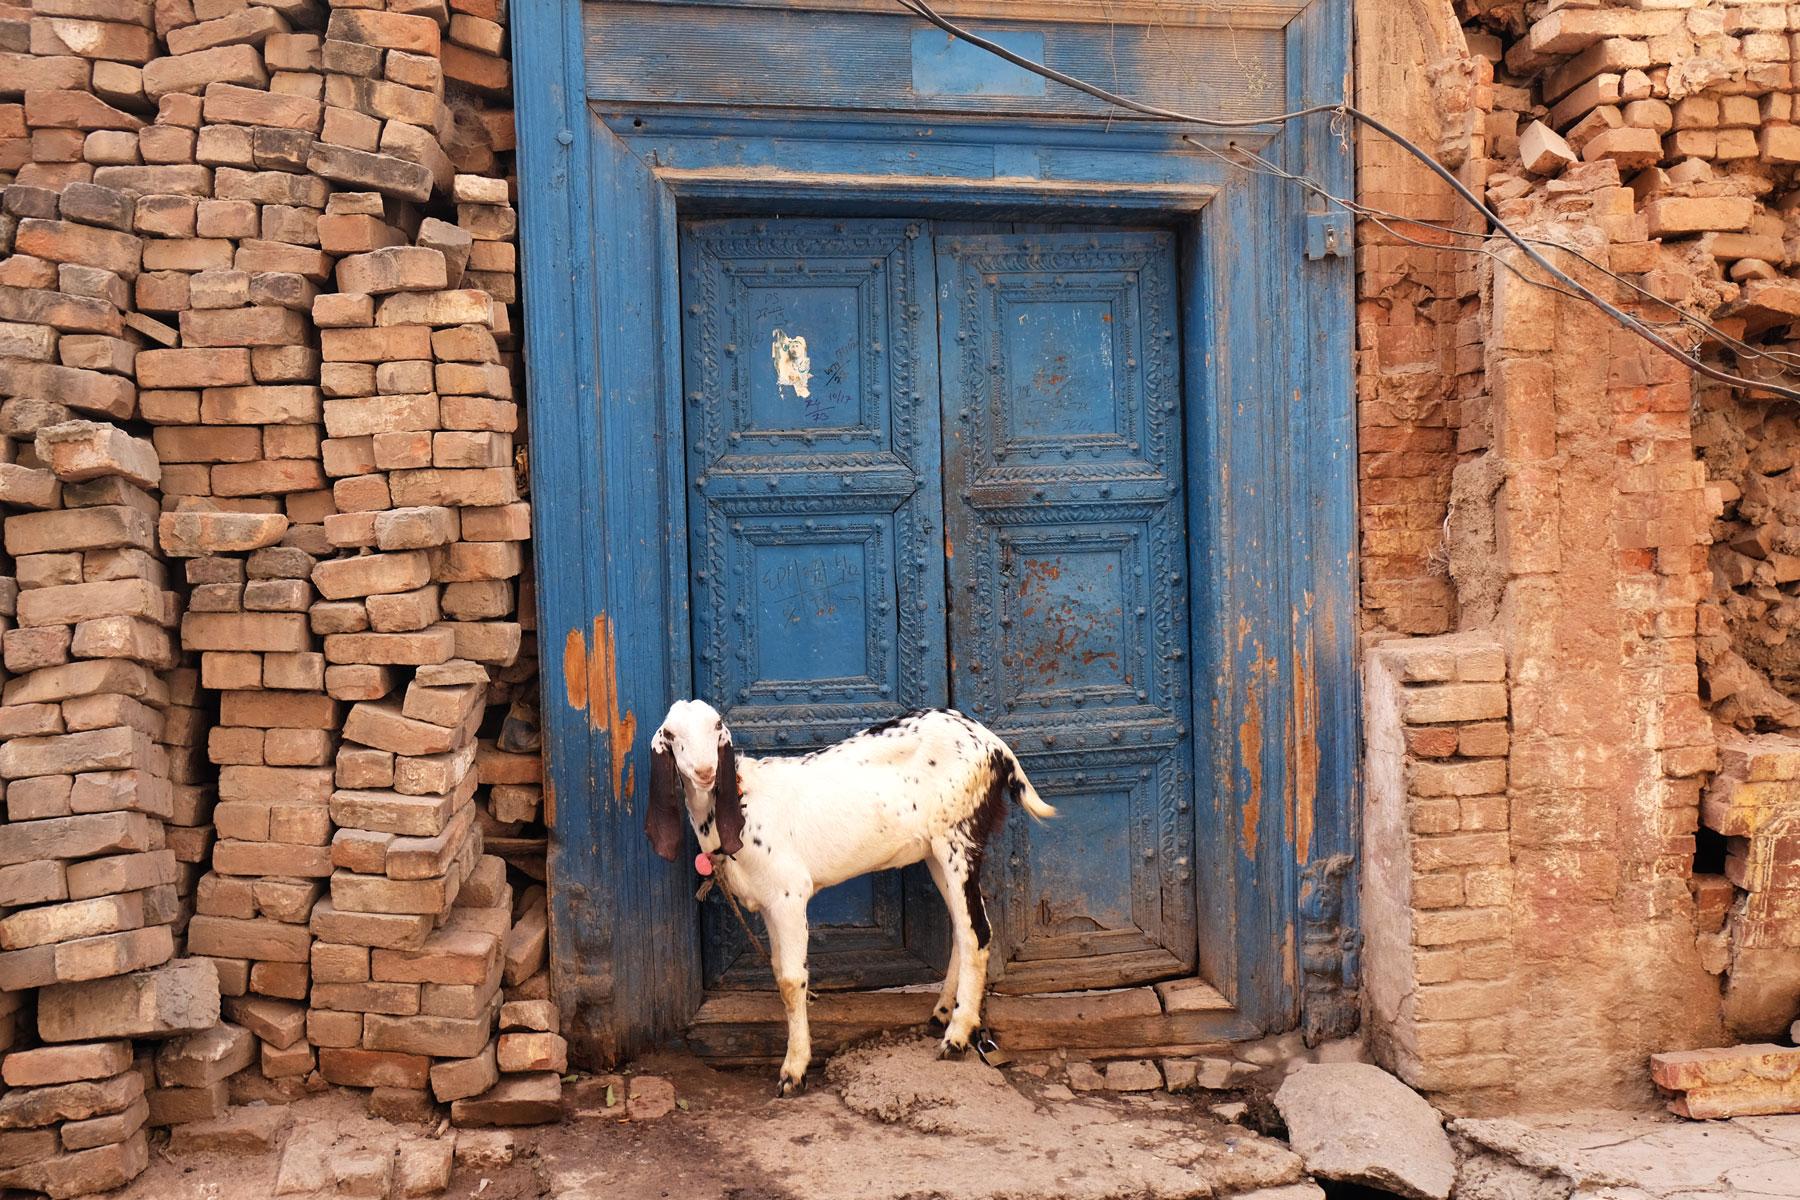 Eine Ziege vor einer Tür in Rawalpindi.